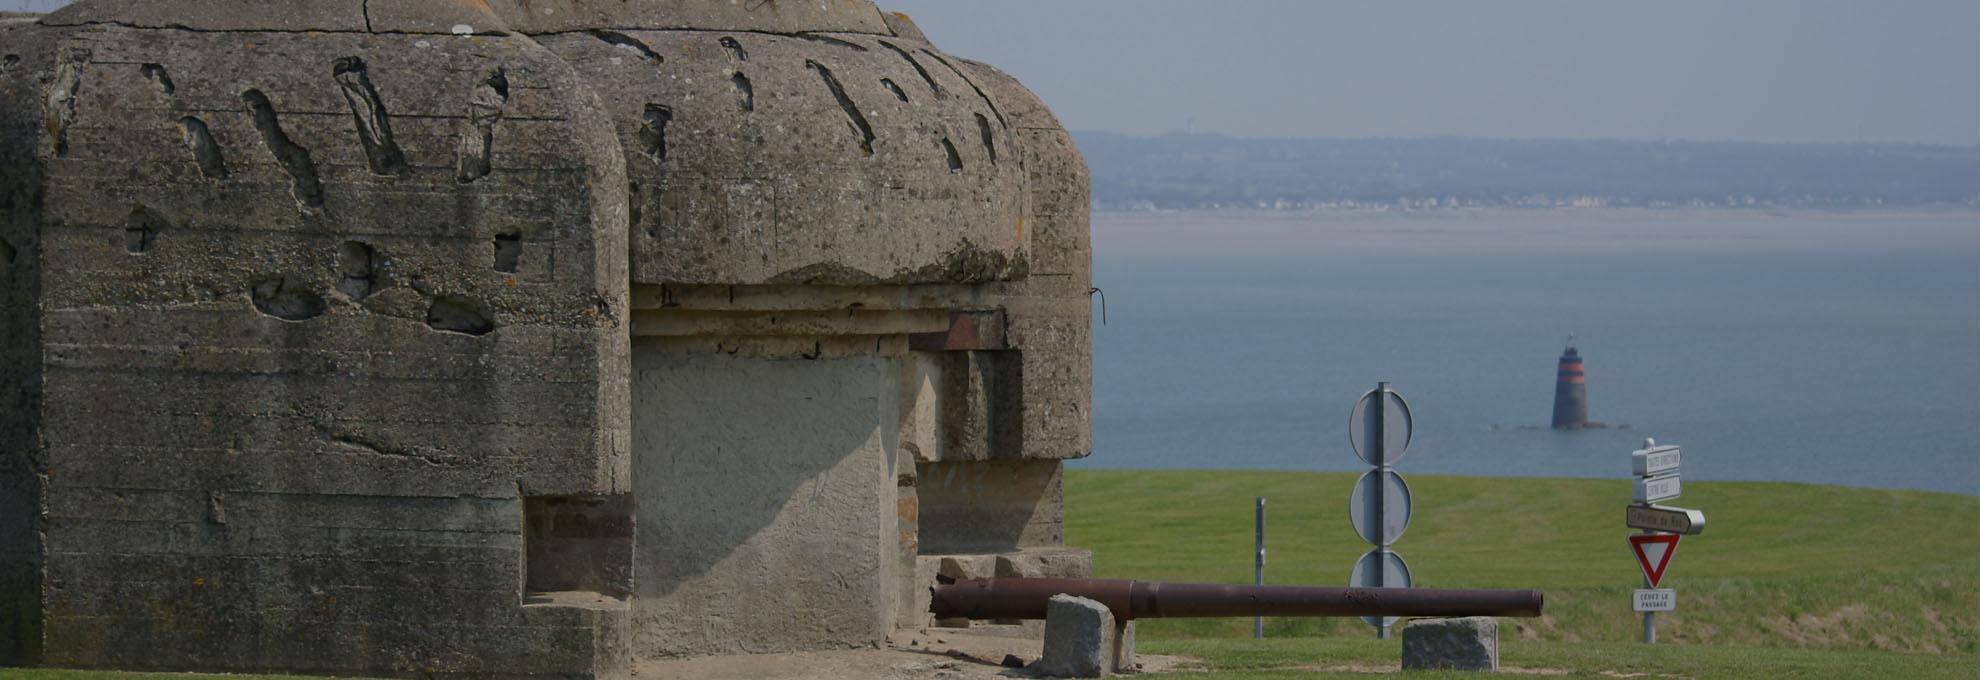 gite les roches grises 11 - GÎTE LES ROCHES GRISES - Gite La Clef Decamp - Laclefdecamp.fr